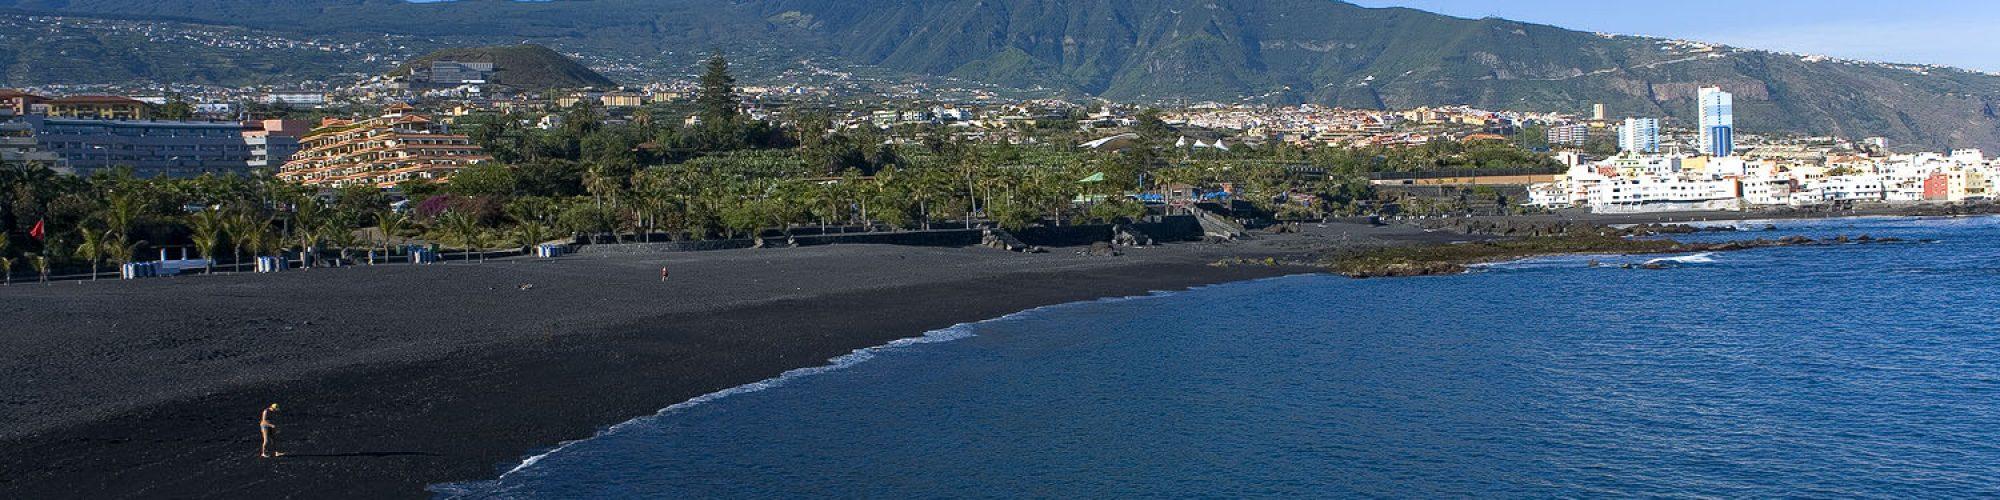 Tenerife 08 copia